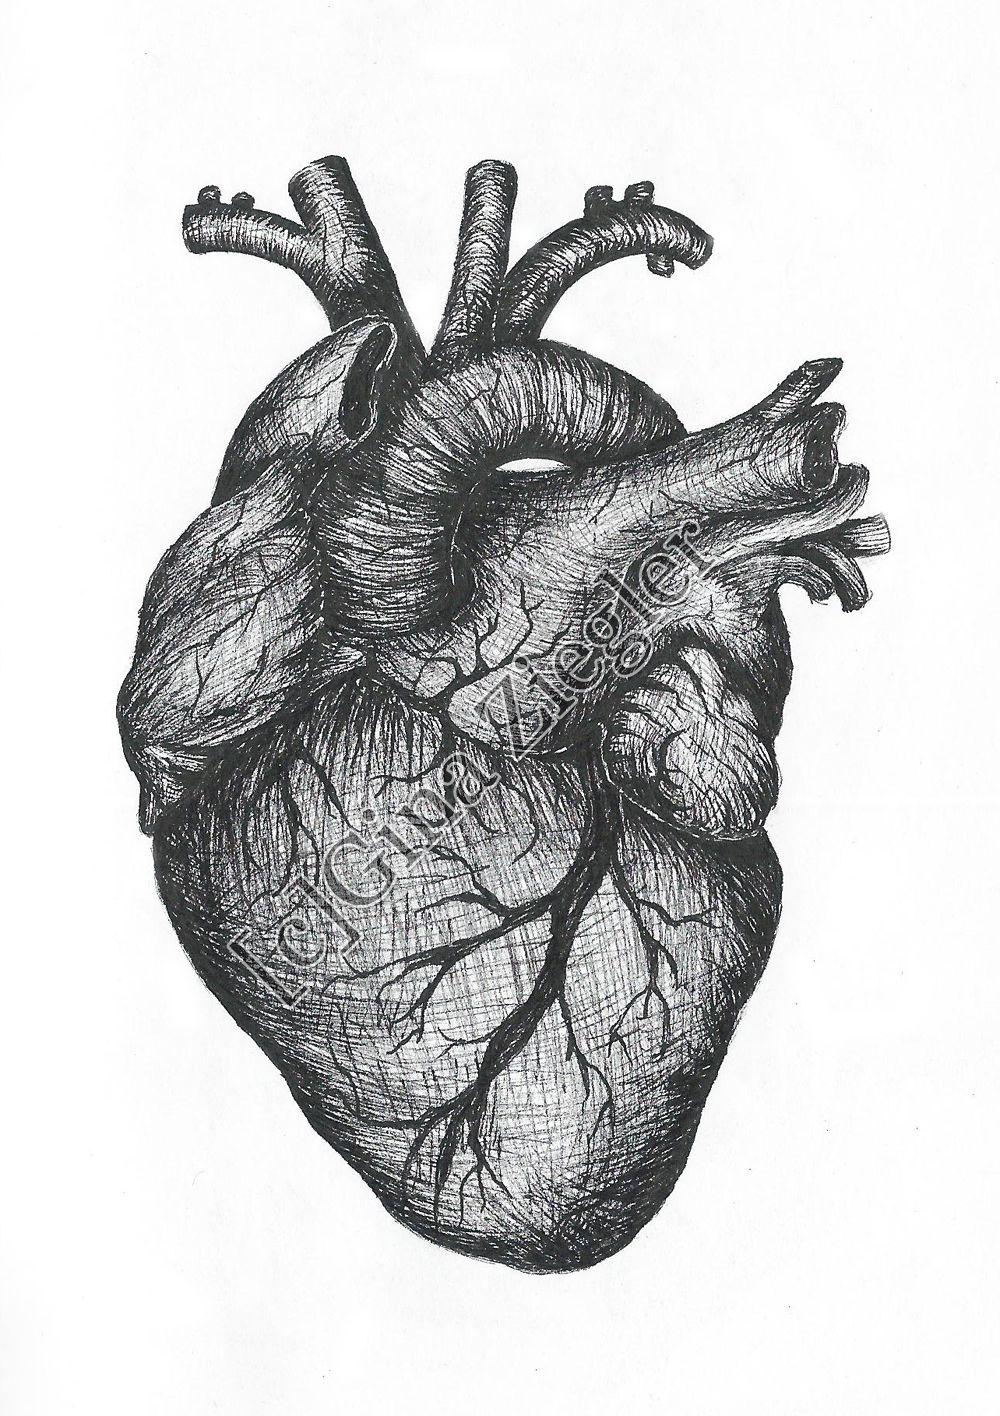 real heart - Google Search | Zeichnungen von herzen